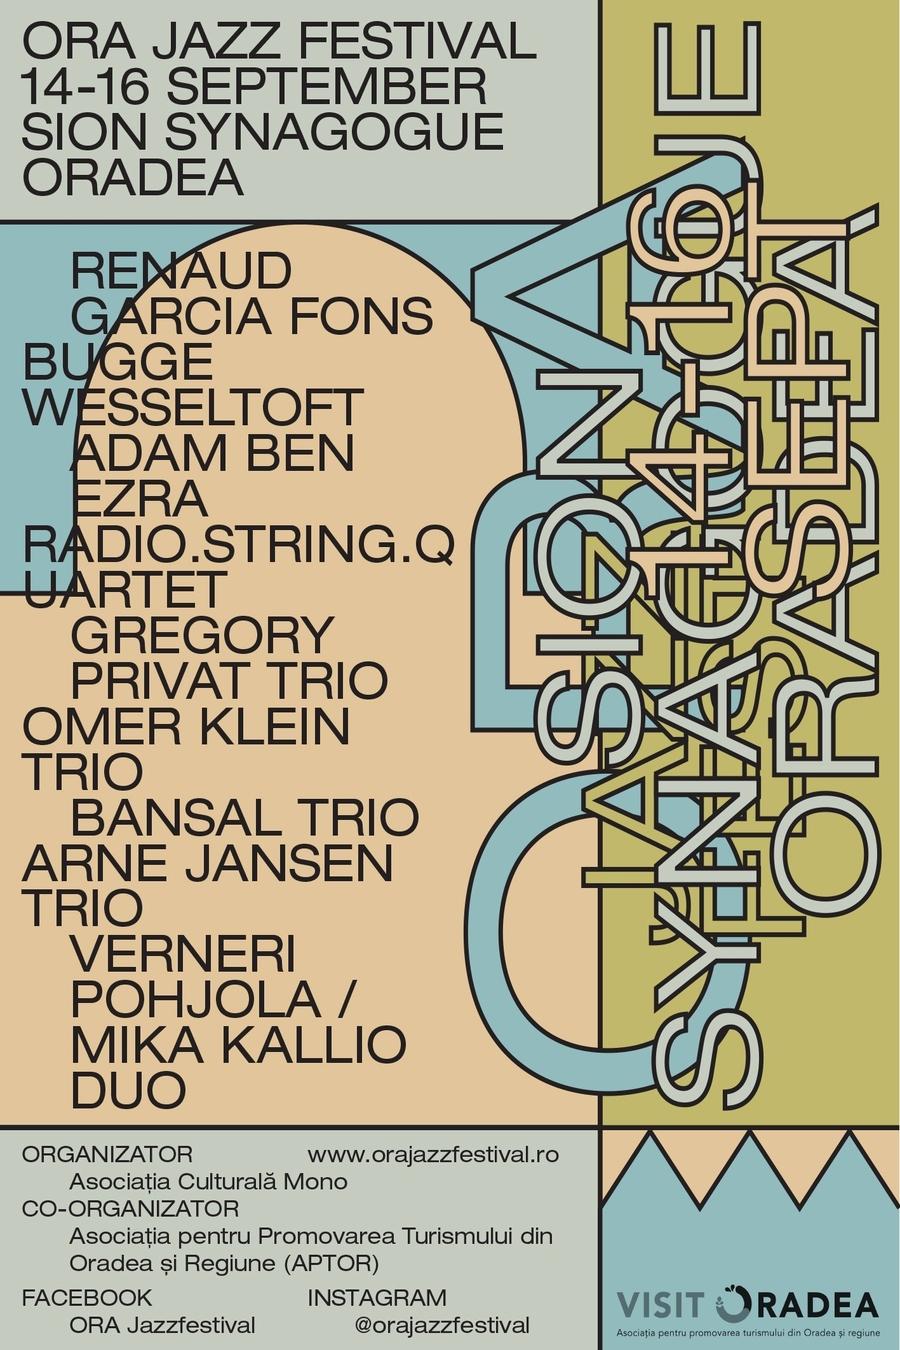 ORA Jazz Festival 2018 la Sinanoga Neologă Sion din Oradea